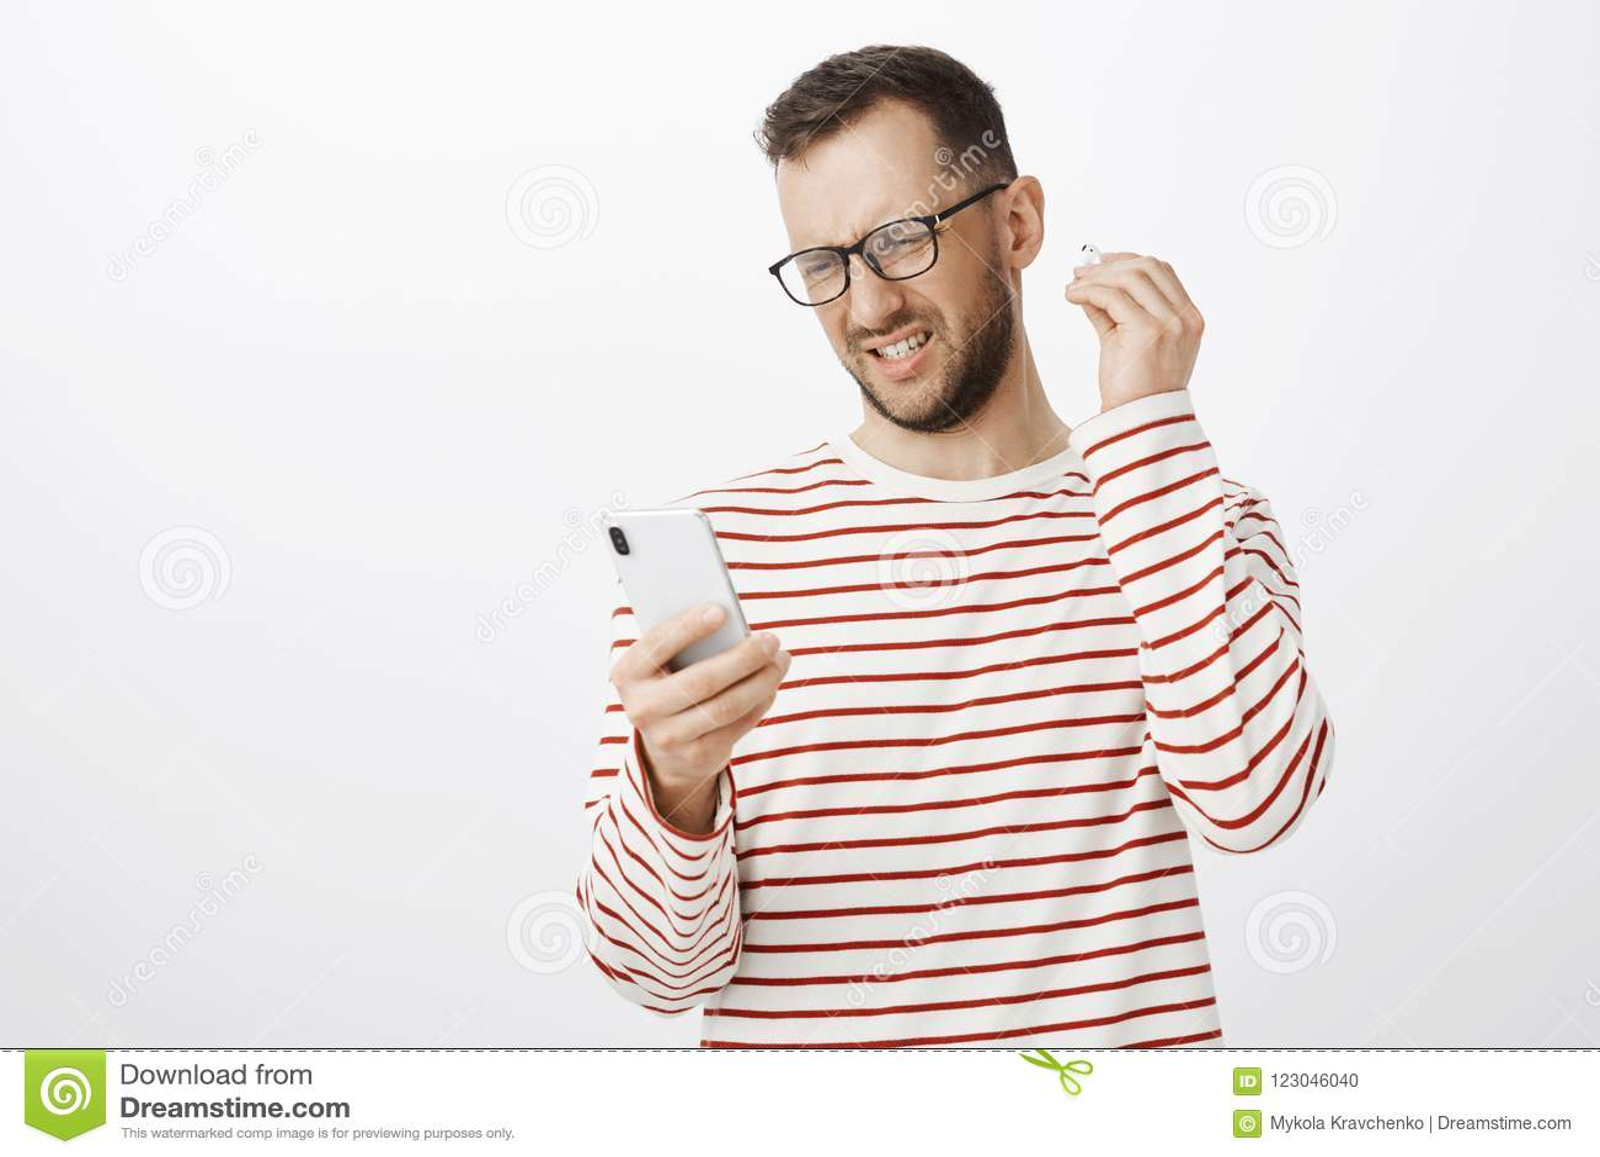 Το πορτρέτο ο ματαιωμένος ευρωπαϊκός τύπος στο ριγωτά πουλόβερ και τα γυαλιά, που βγάζουν το ασύρματο ακουστικό και